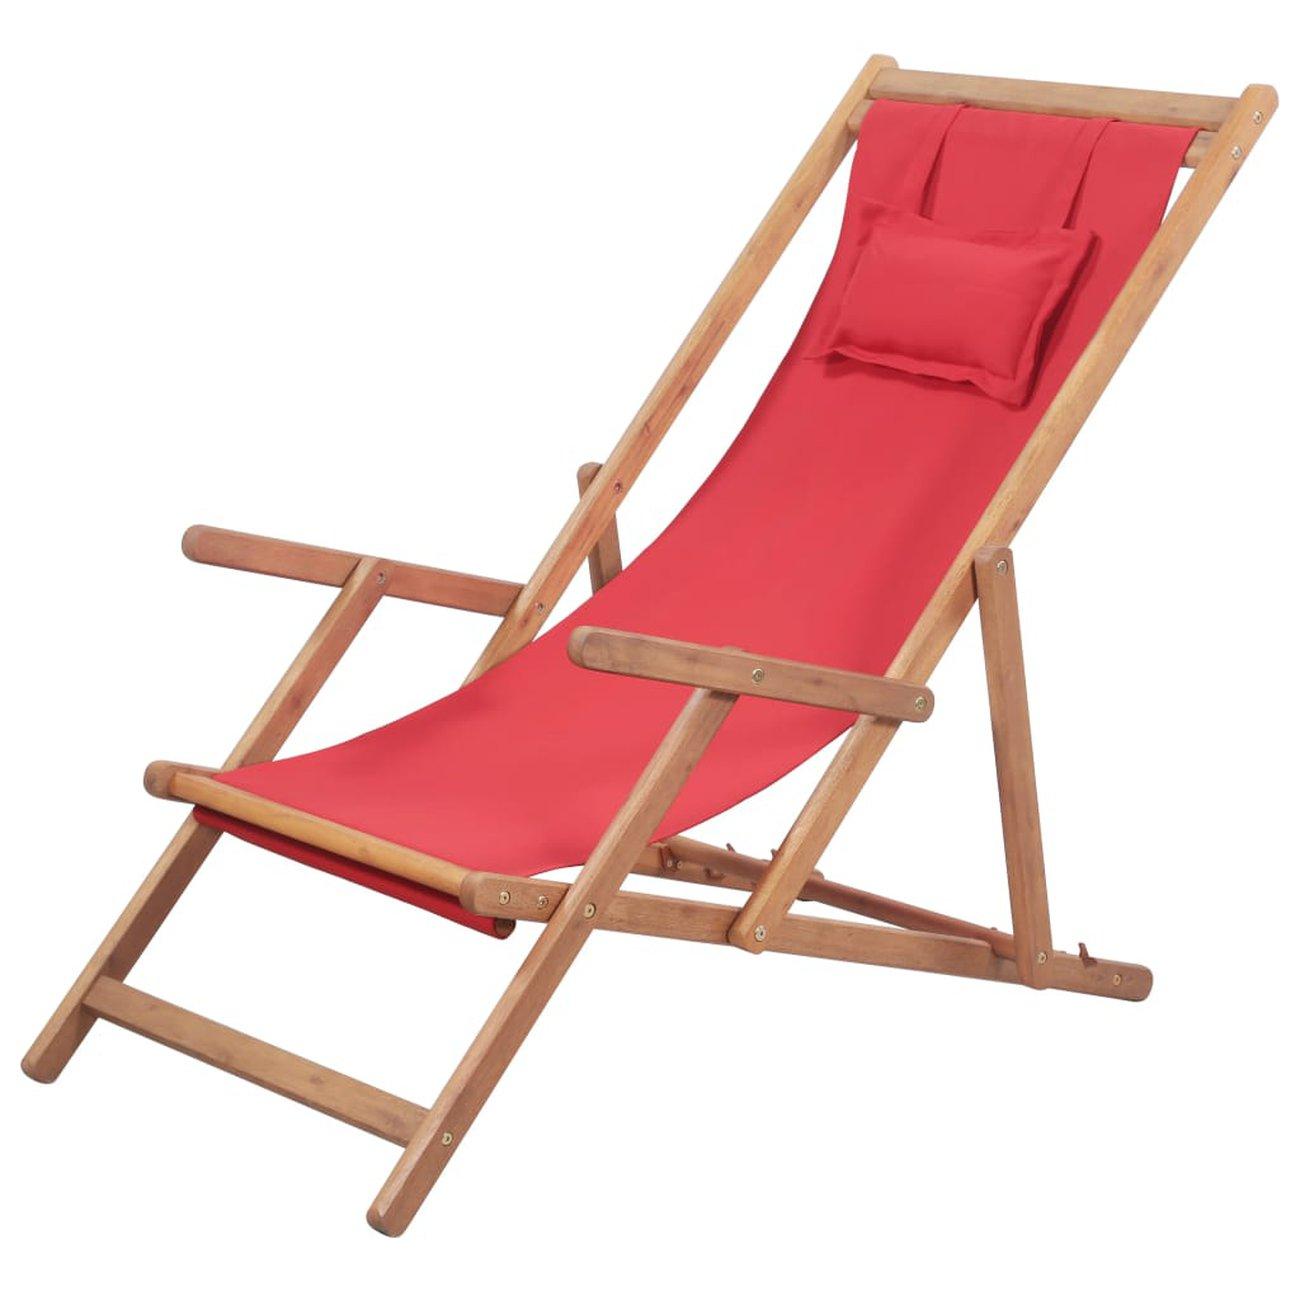 vidaxl chaise pliable de plage tissu et cadre en bois rouge 1 v2